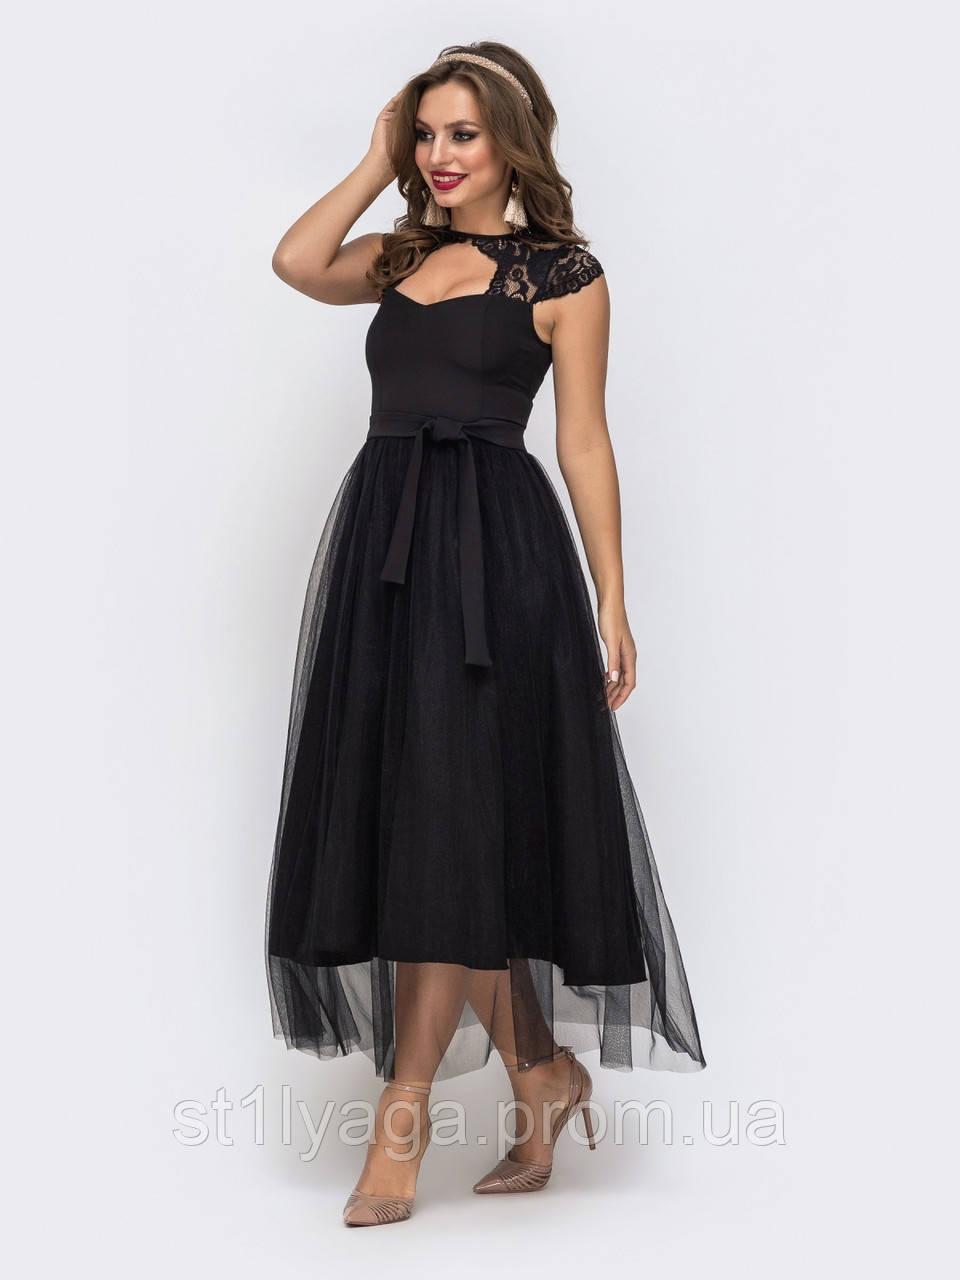 Женственное вечернее платье с ажурным кружевом и юбкой из фатина длиной миди черный